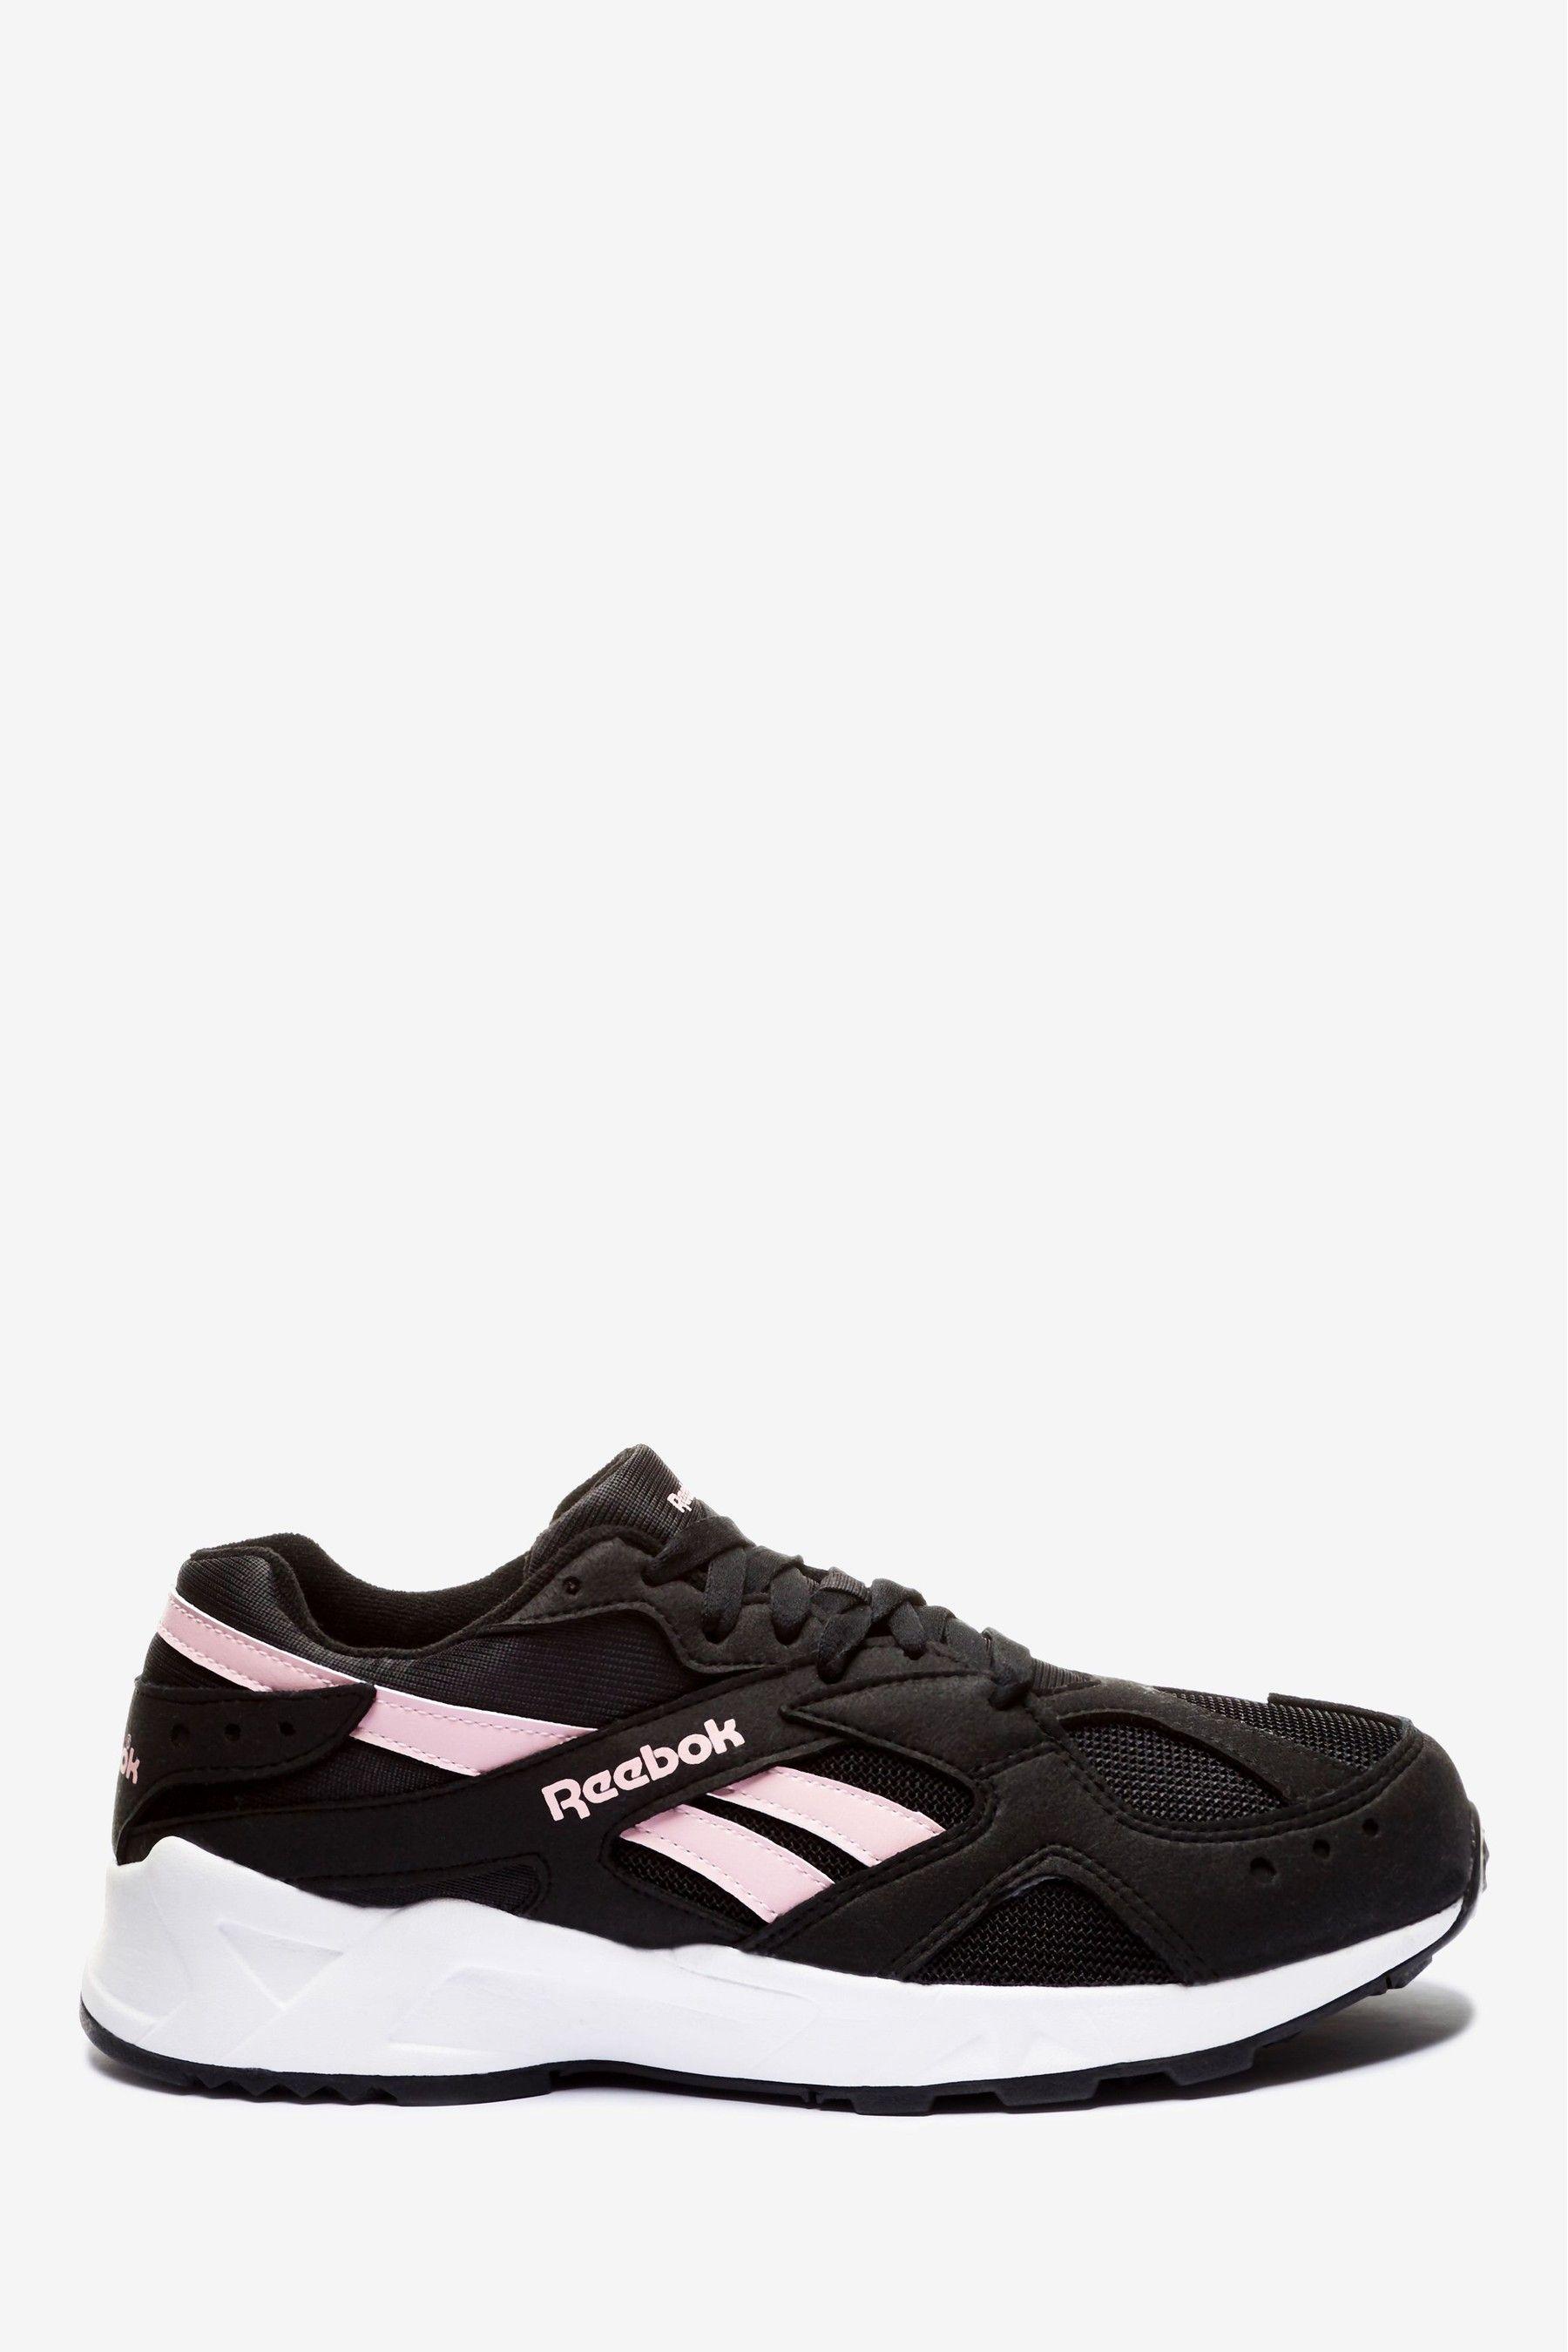 Black pink, Reebok, Vans old skool sneaker